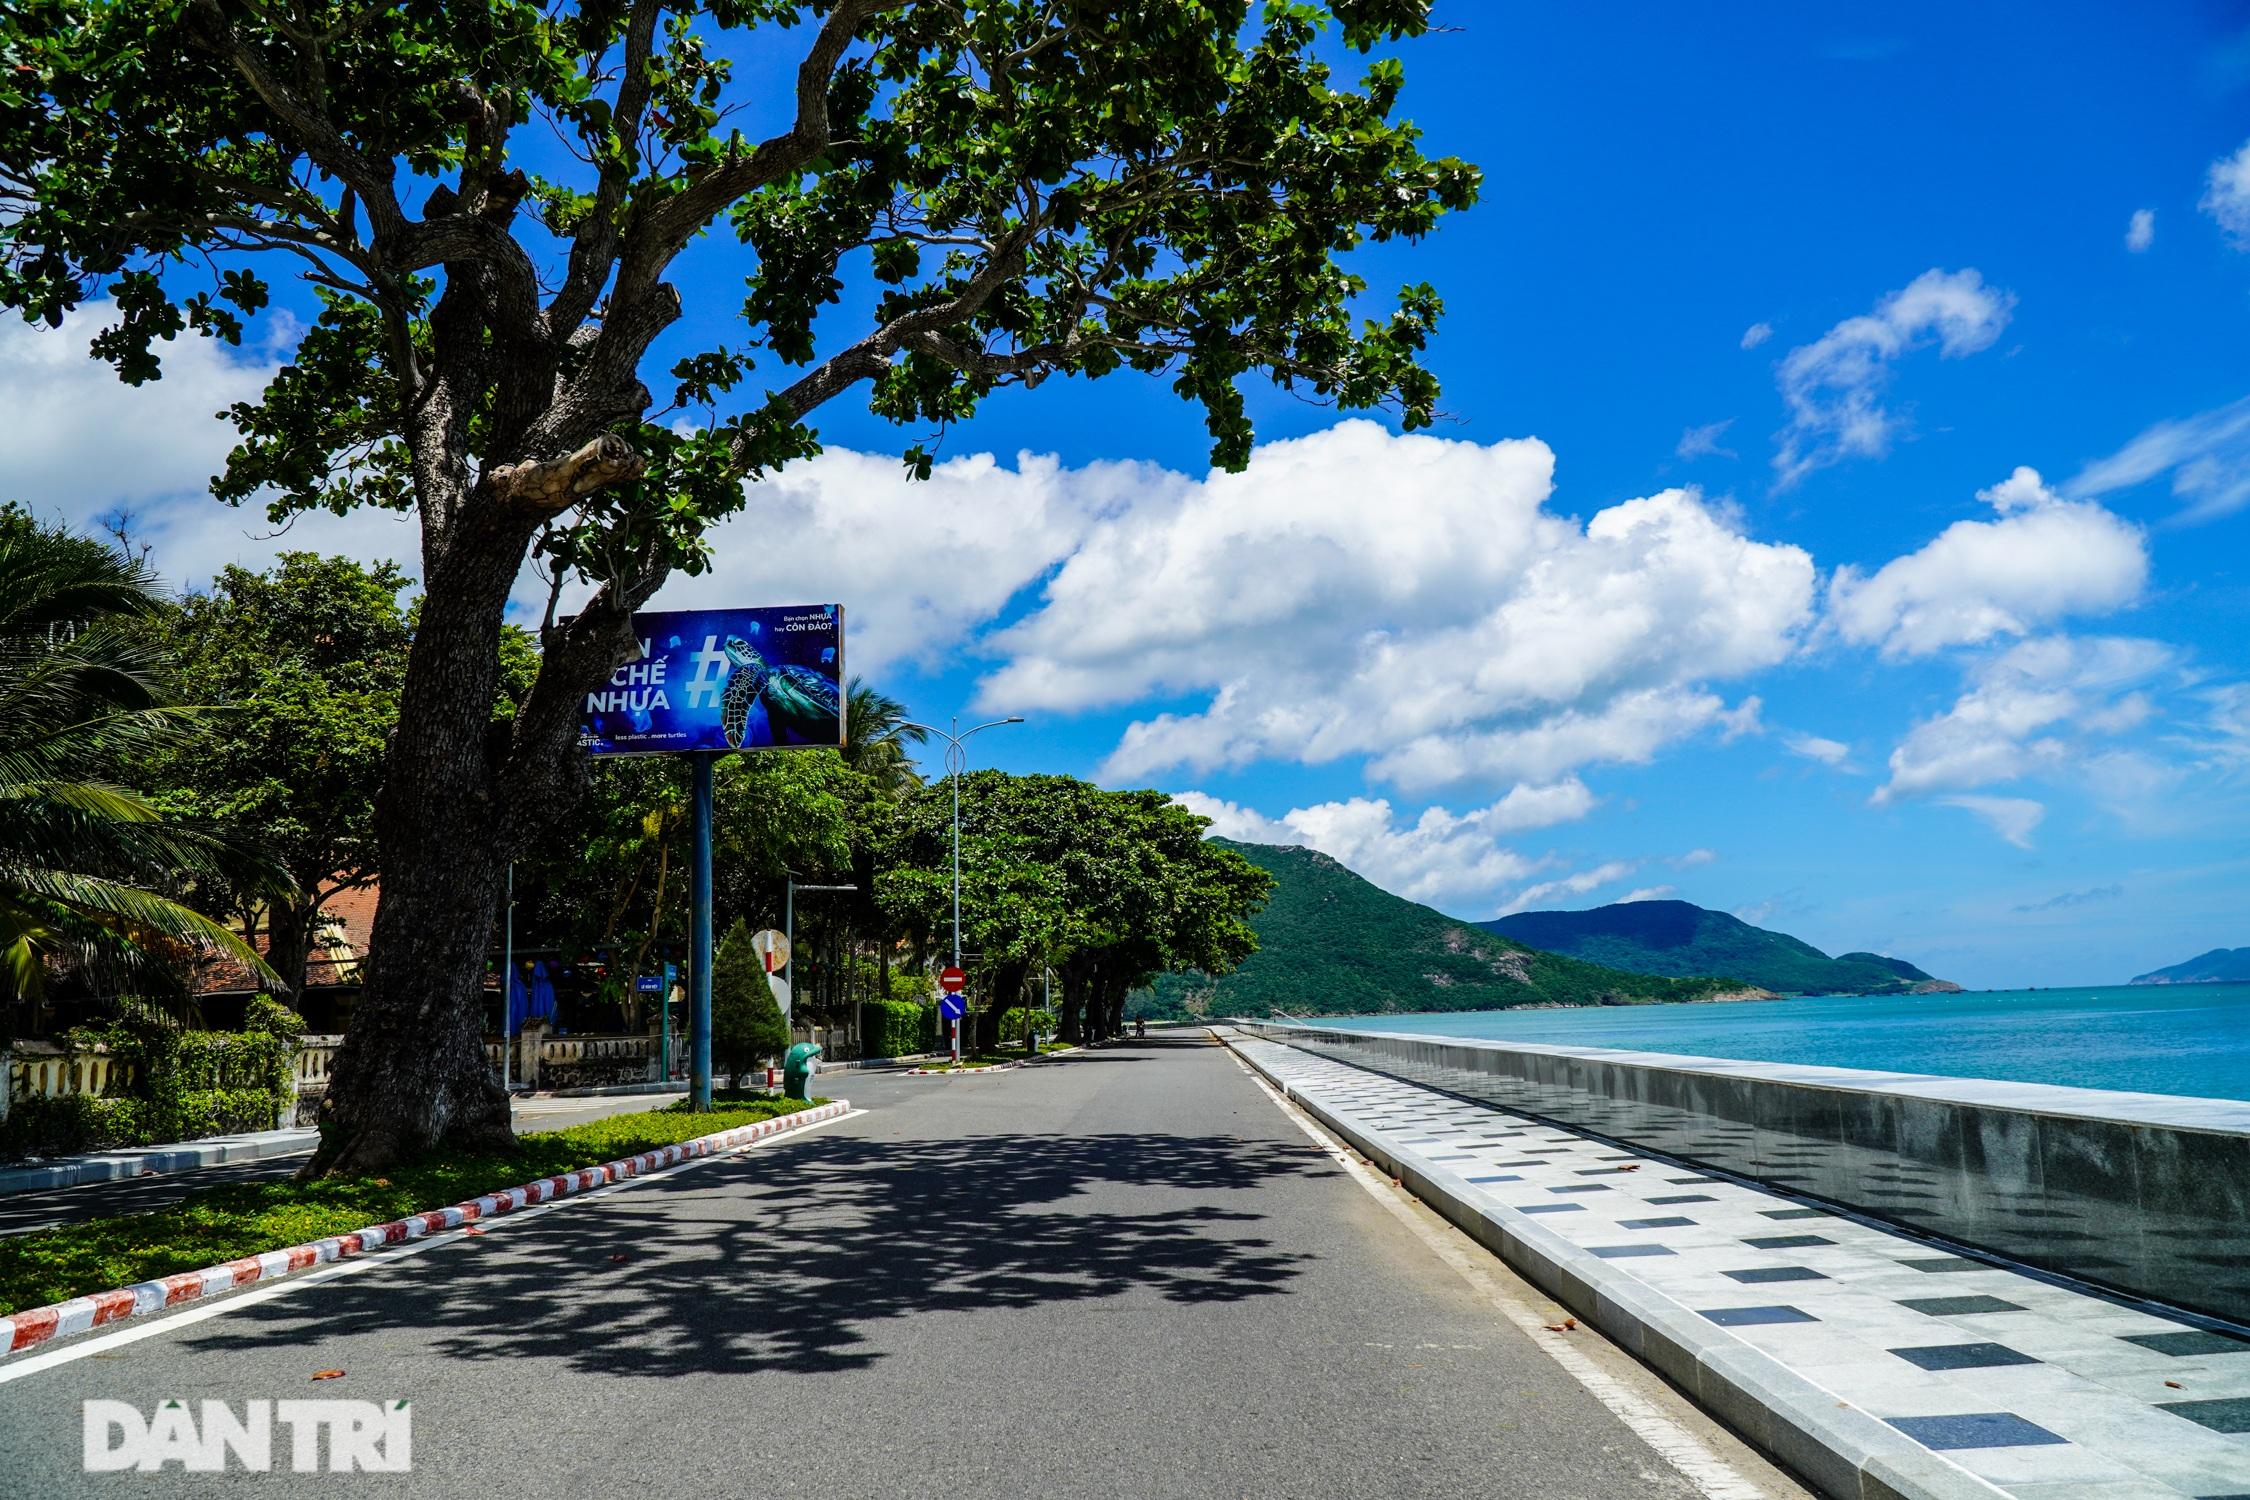 Cảnh vắng bóng du khách ở bãi biển trong xanh nhất thế giới - 6